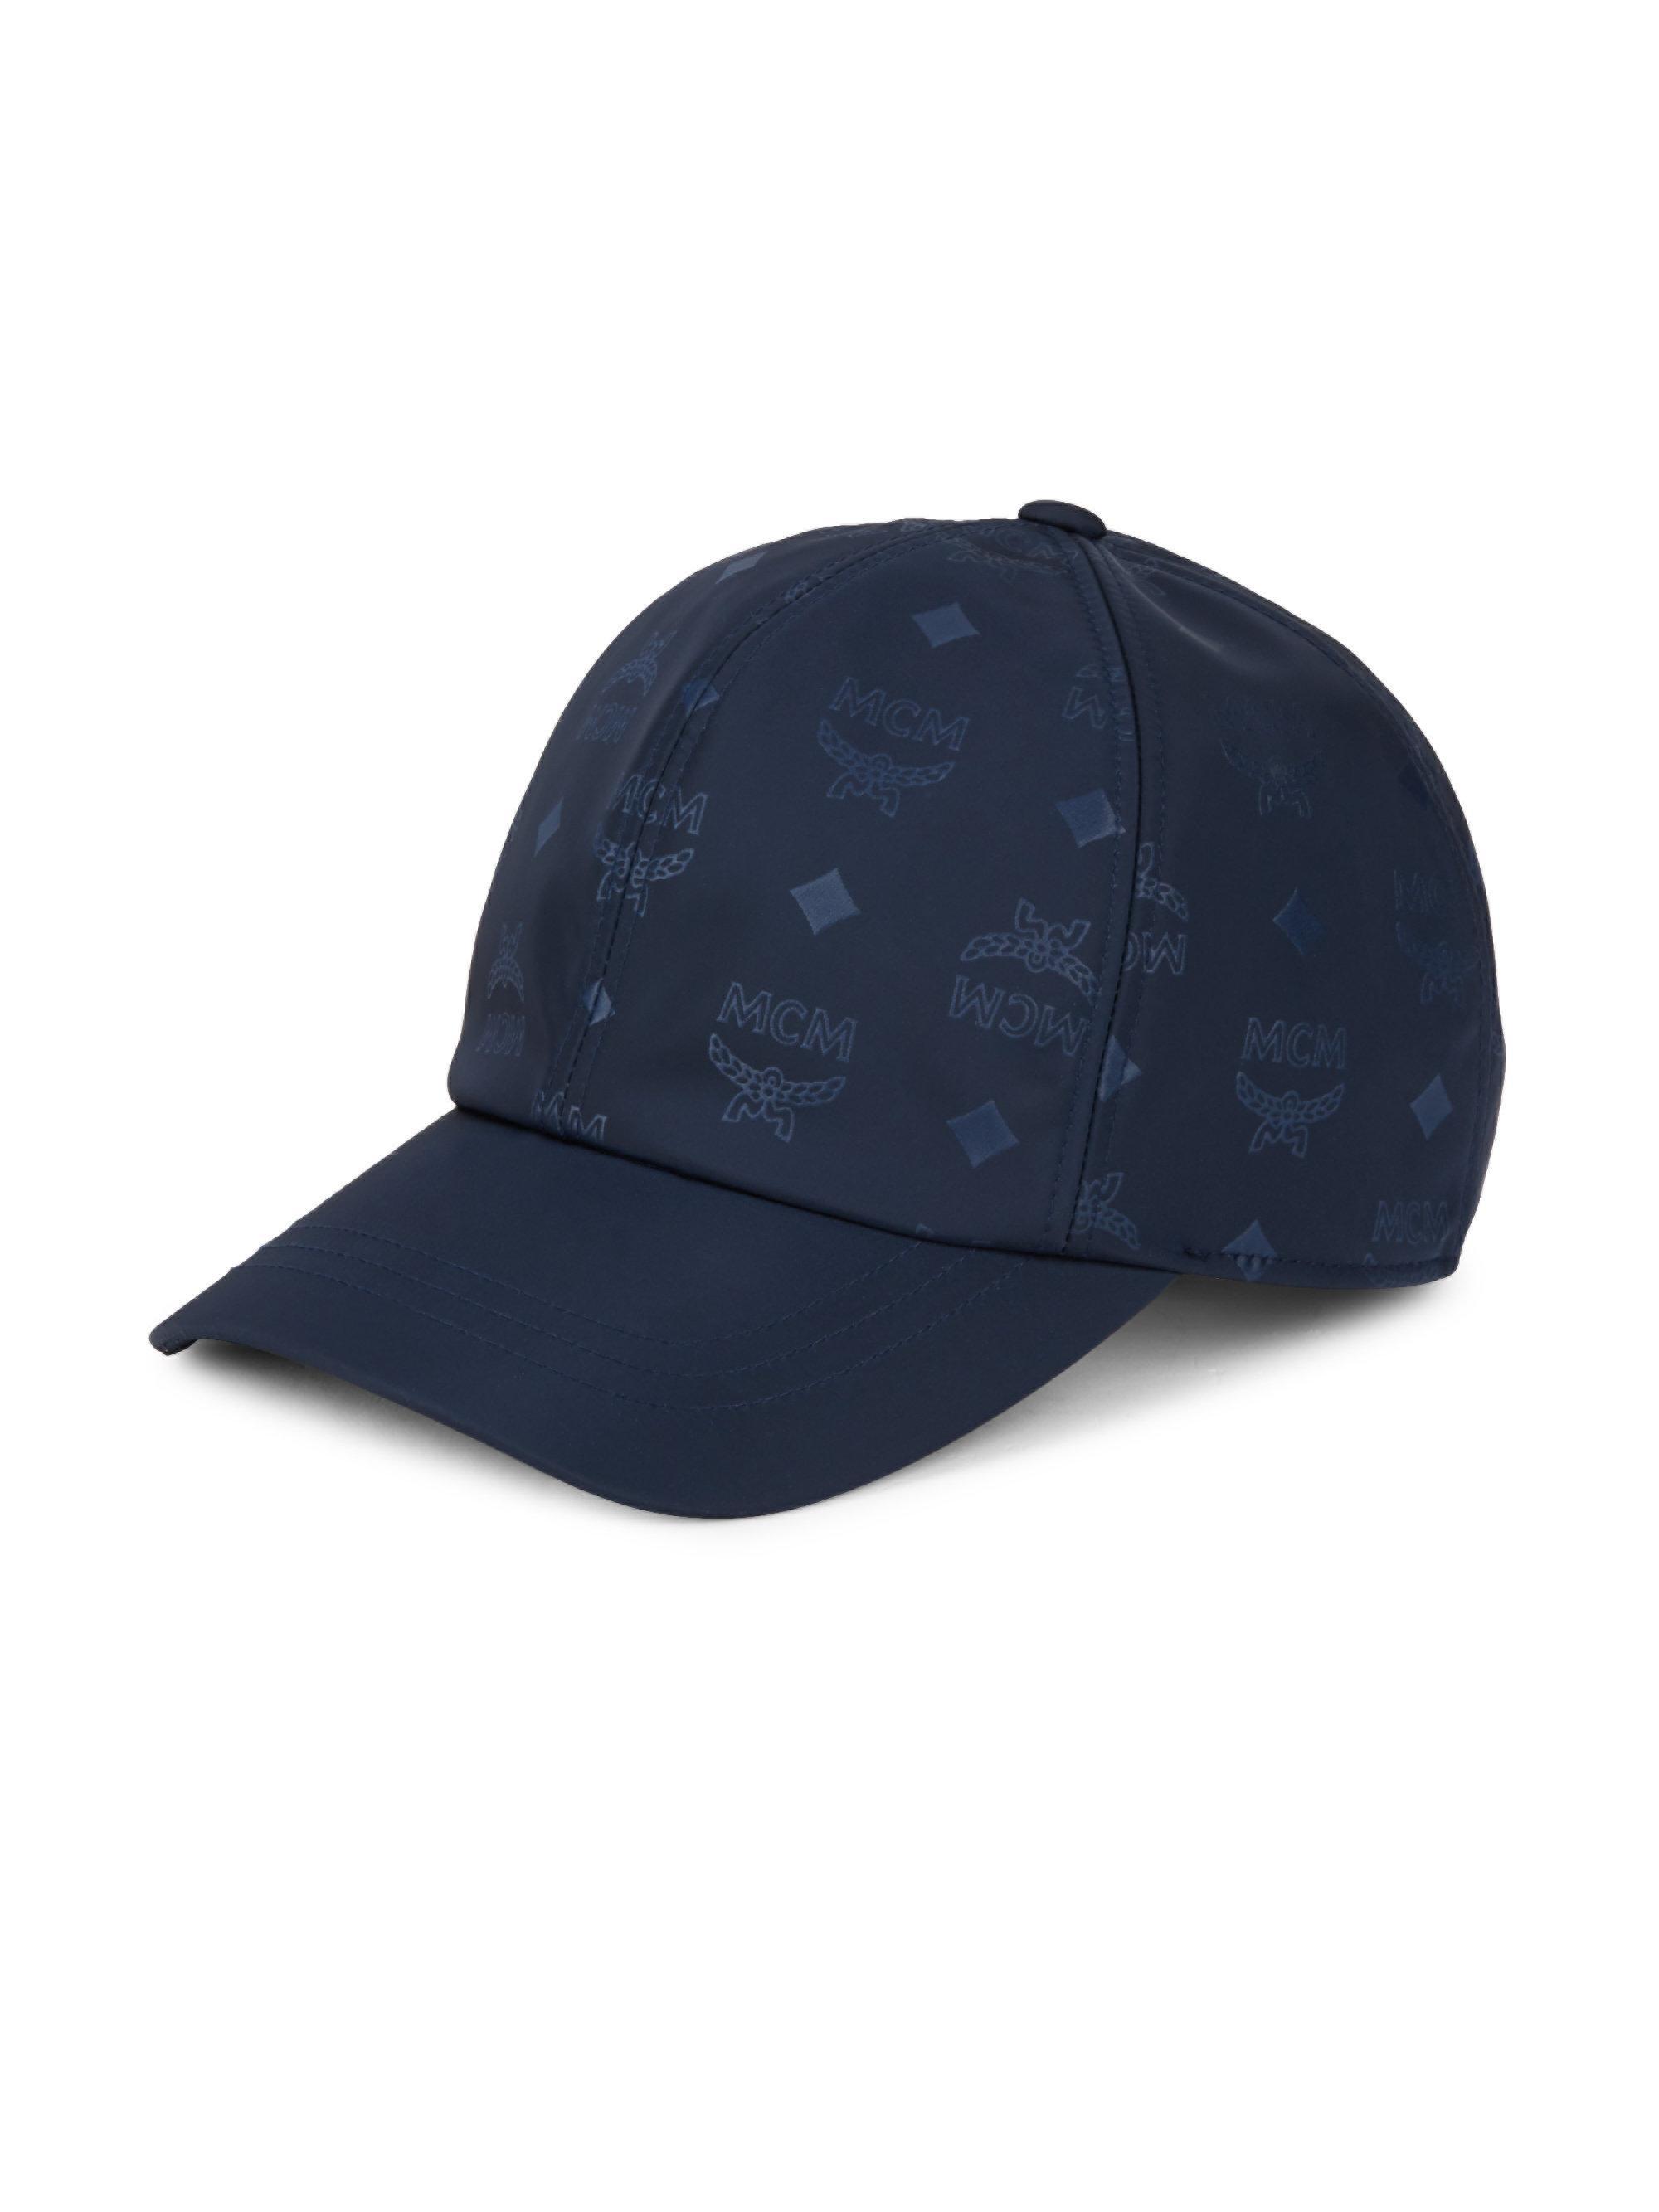 2922c73dd6f60 ... discount mcm. mens blue logo baseball cap 8128d ec1f0